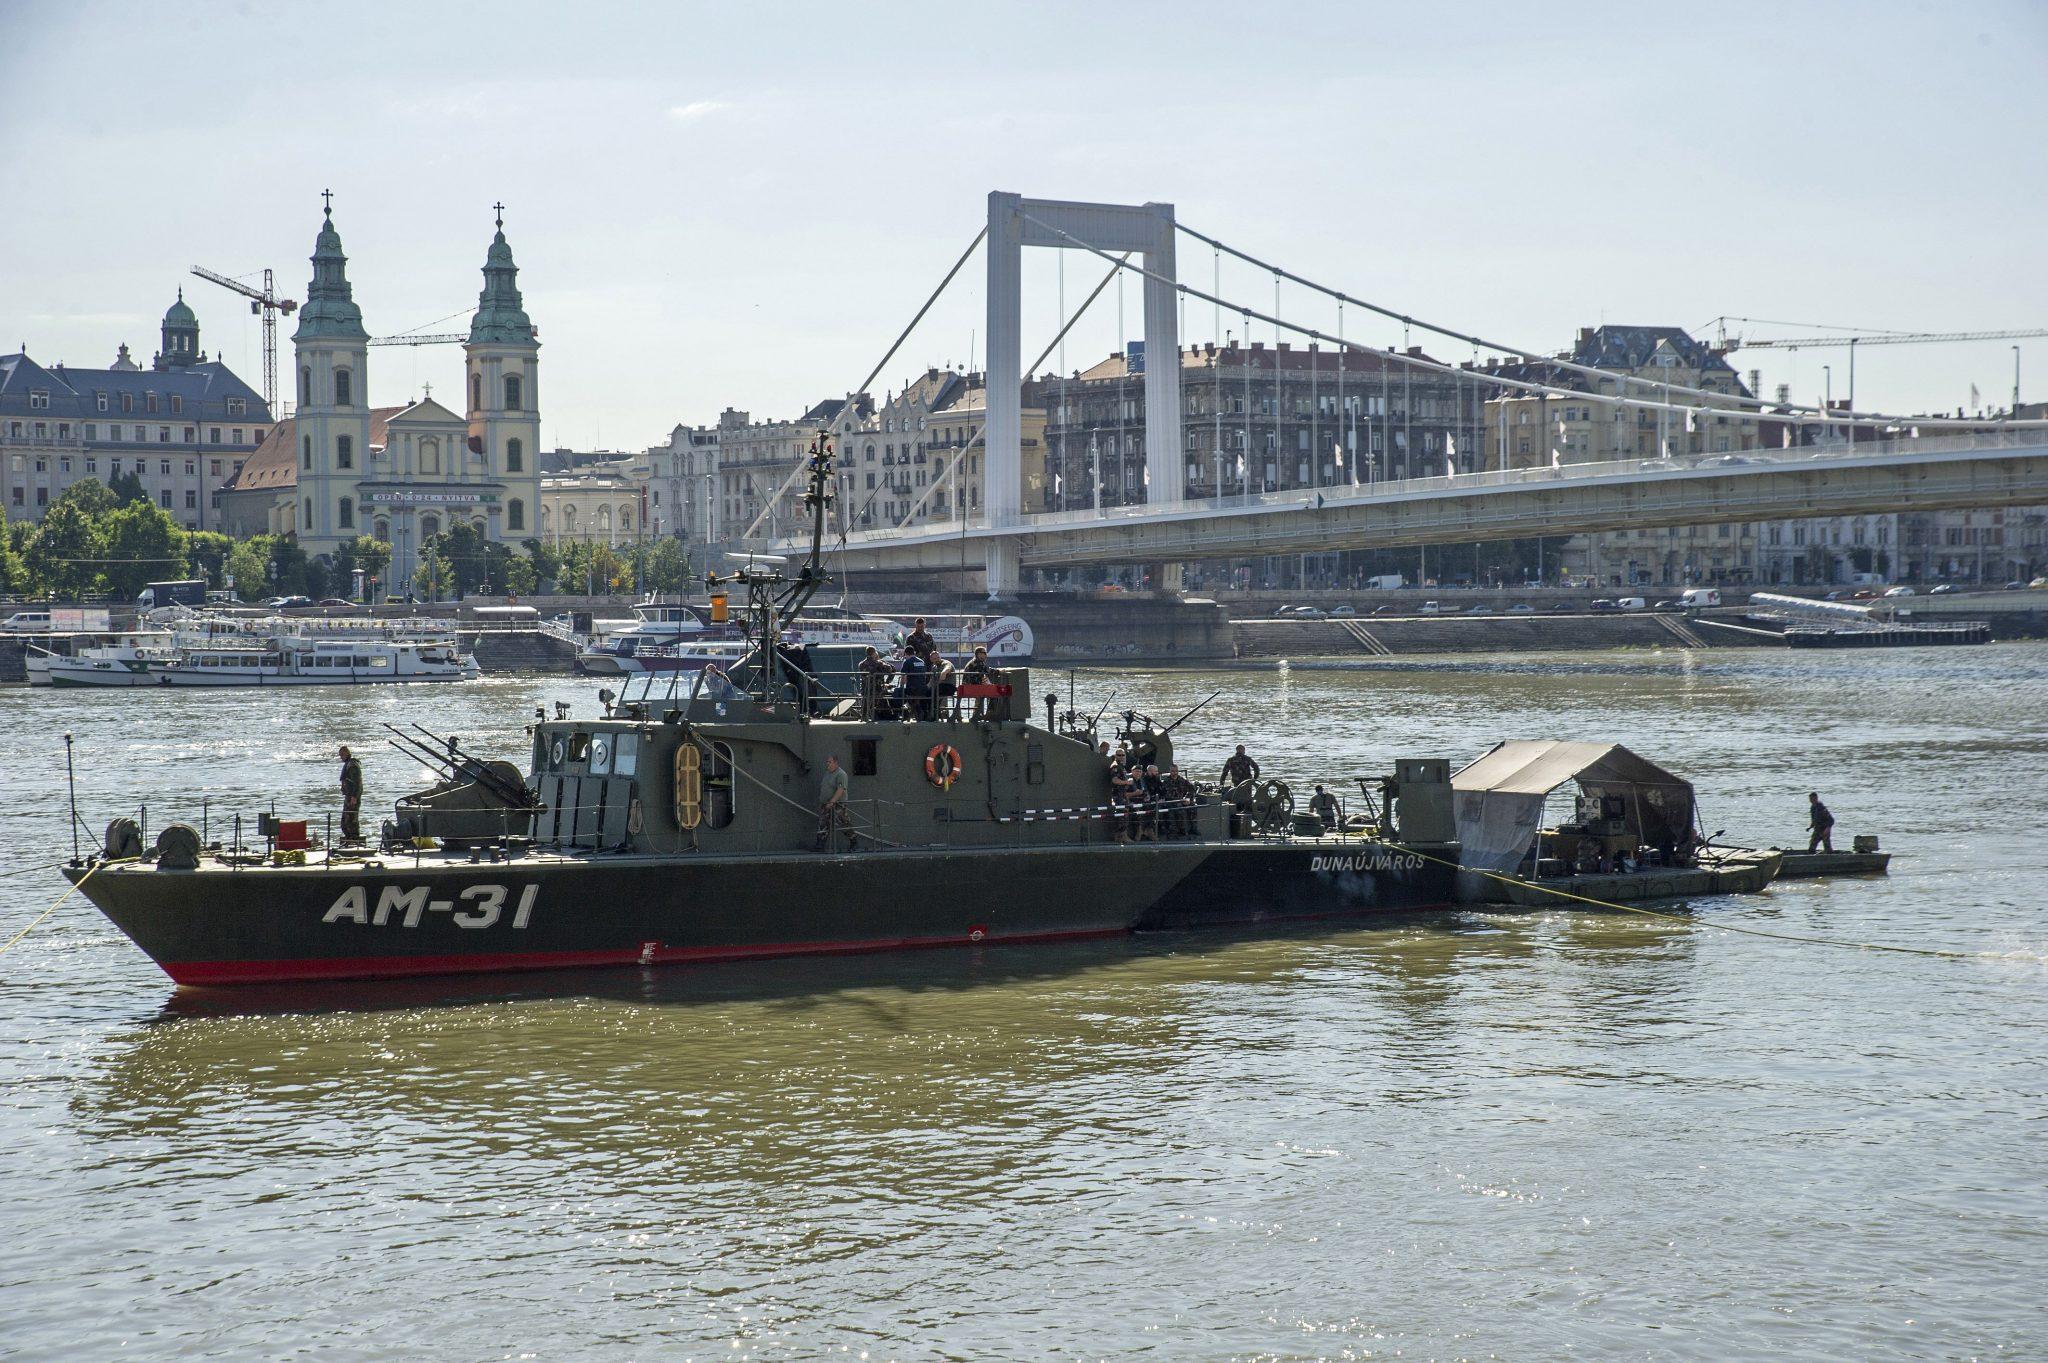 River Danube bomb